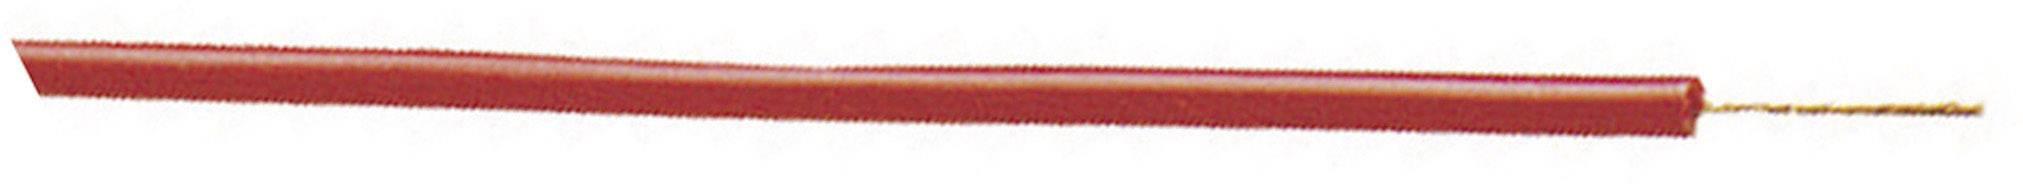 Opletenie / lanko Stäubli 61.7553-10022 SILI-E, 1 x 0.75 mm², vonkajší Ø 2.70 mm, metrový tovar, červená